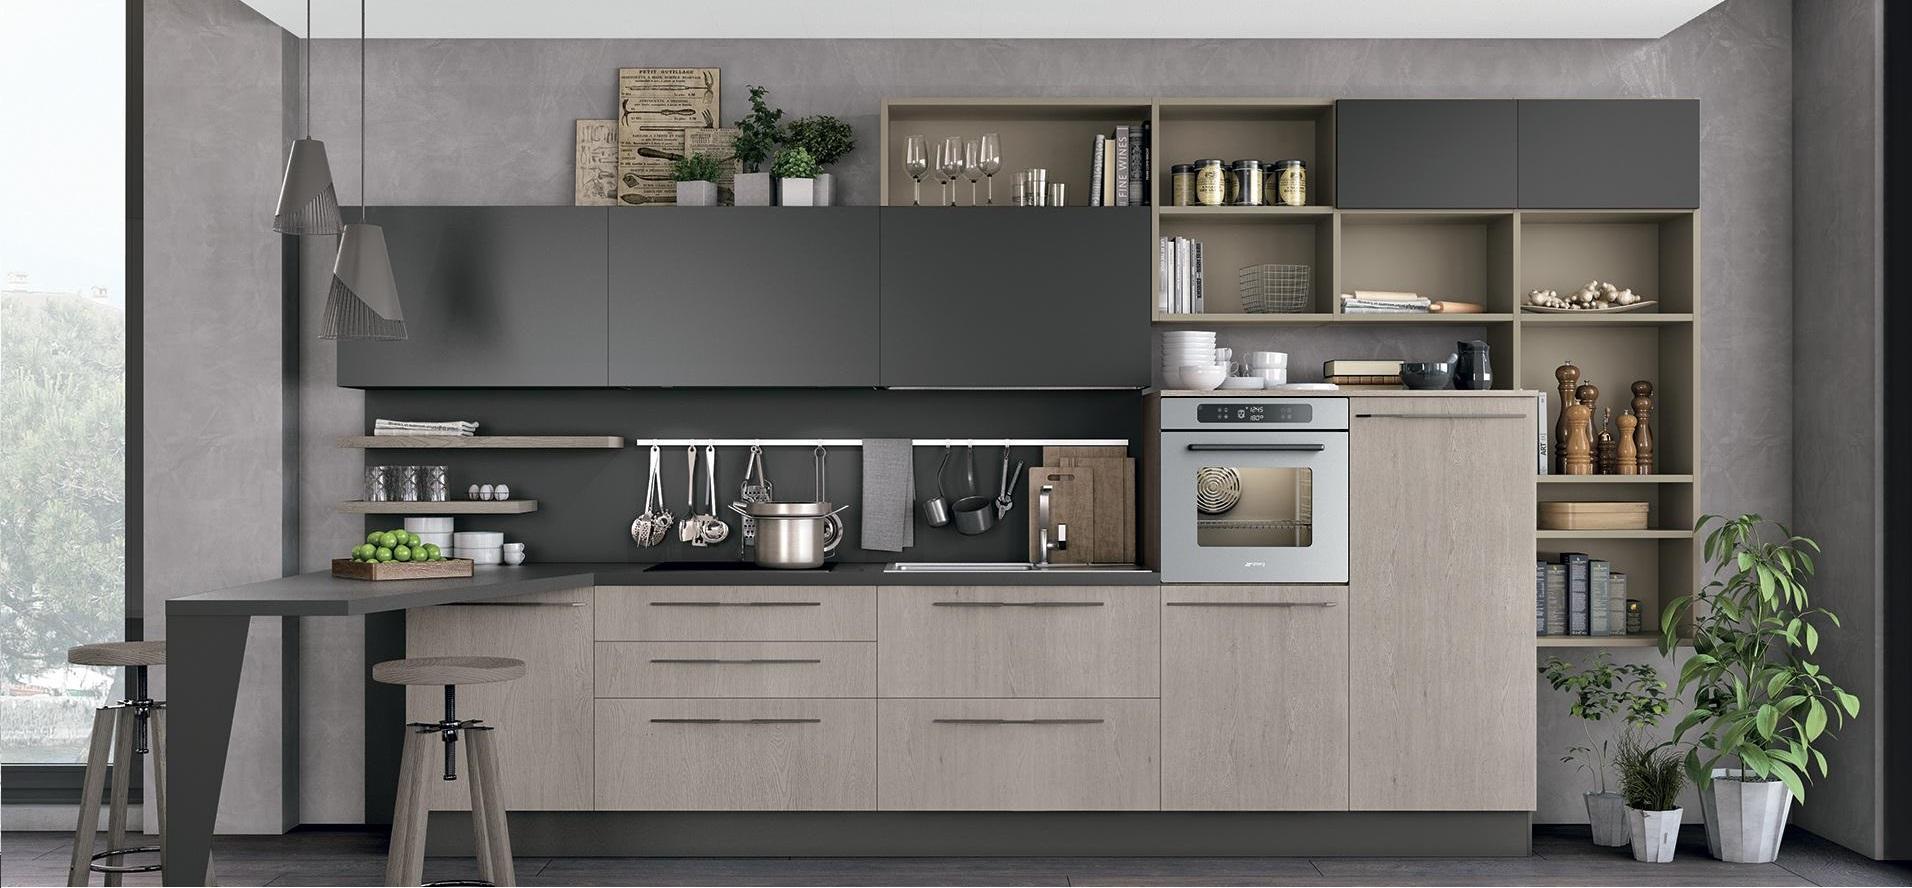 High Quality Kitchen Accessories Ahmads Fine Kitchen